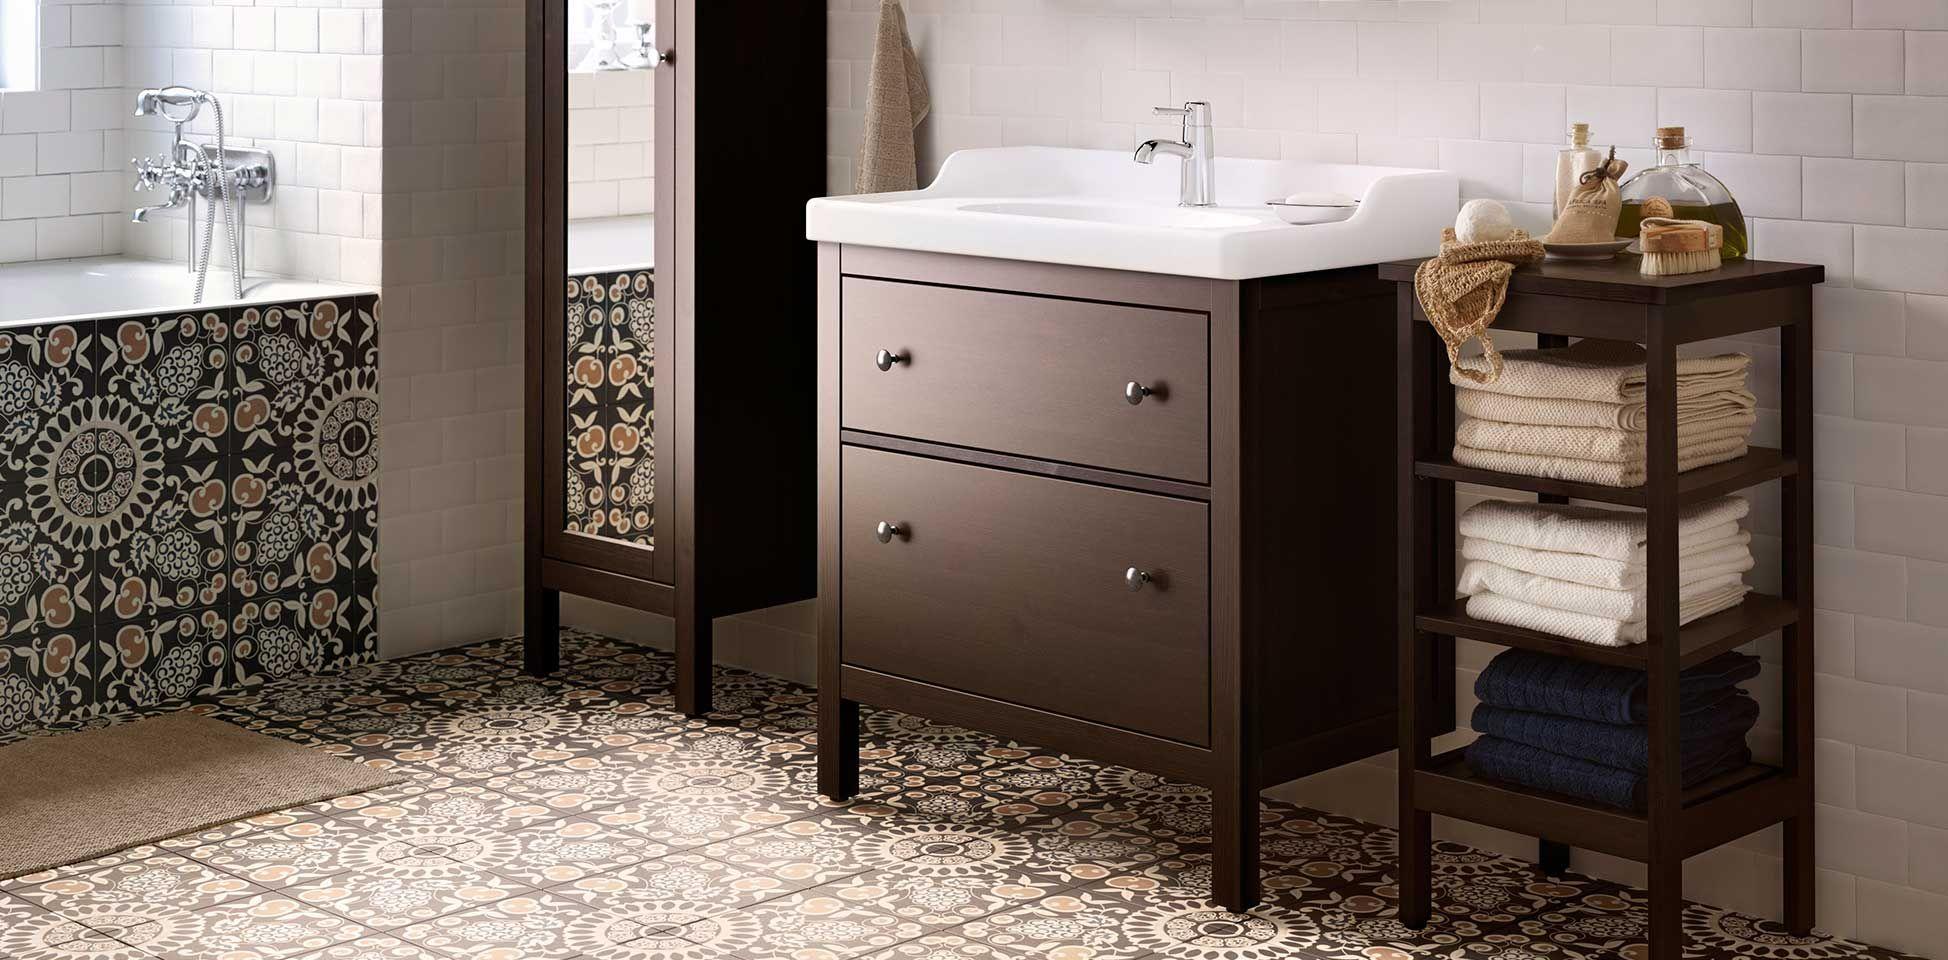 Tu estilo no termina antes de empezar el baño. ¡Un mueble ...